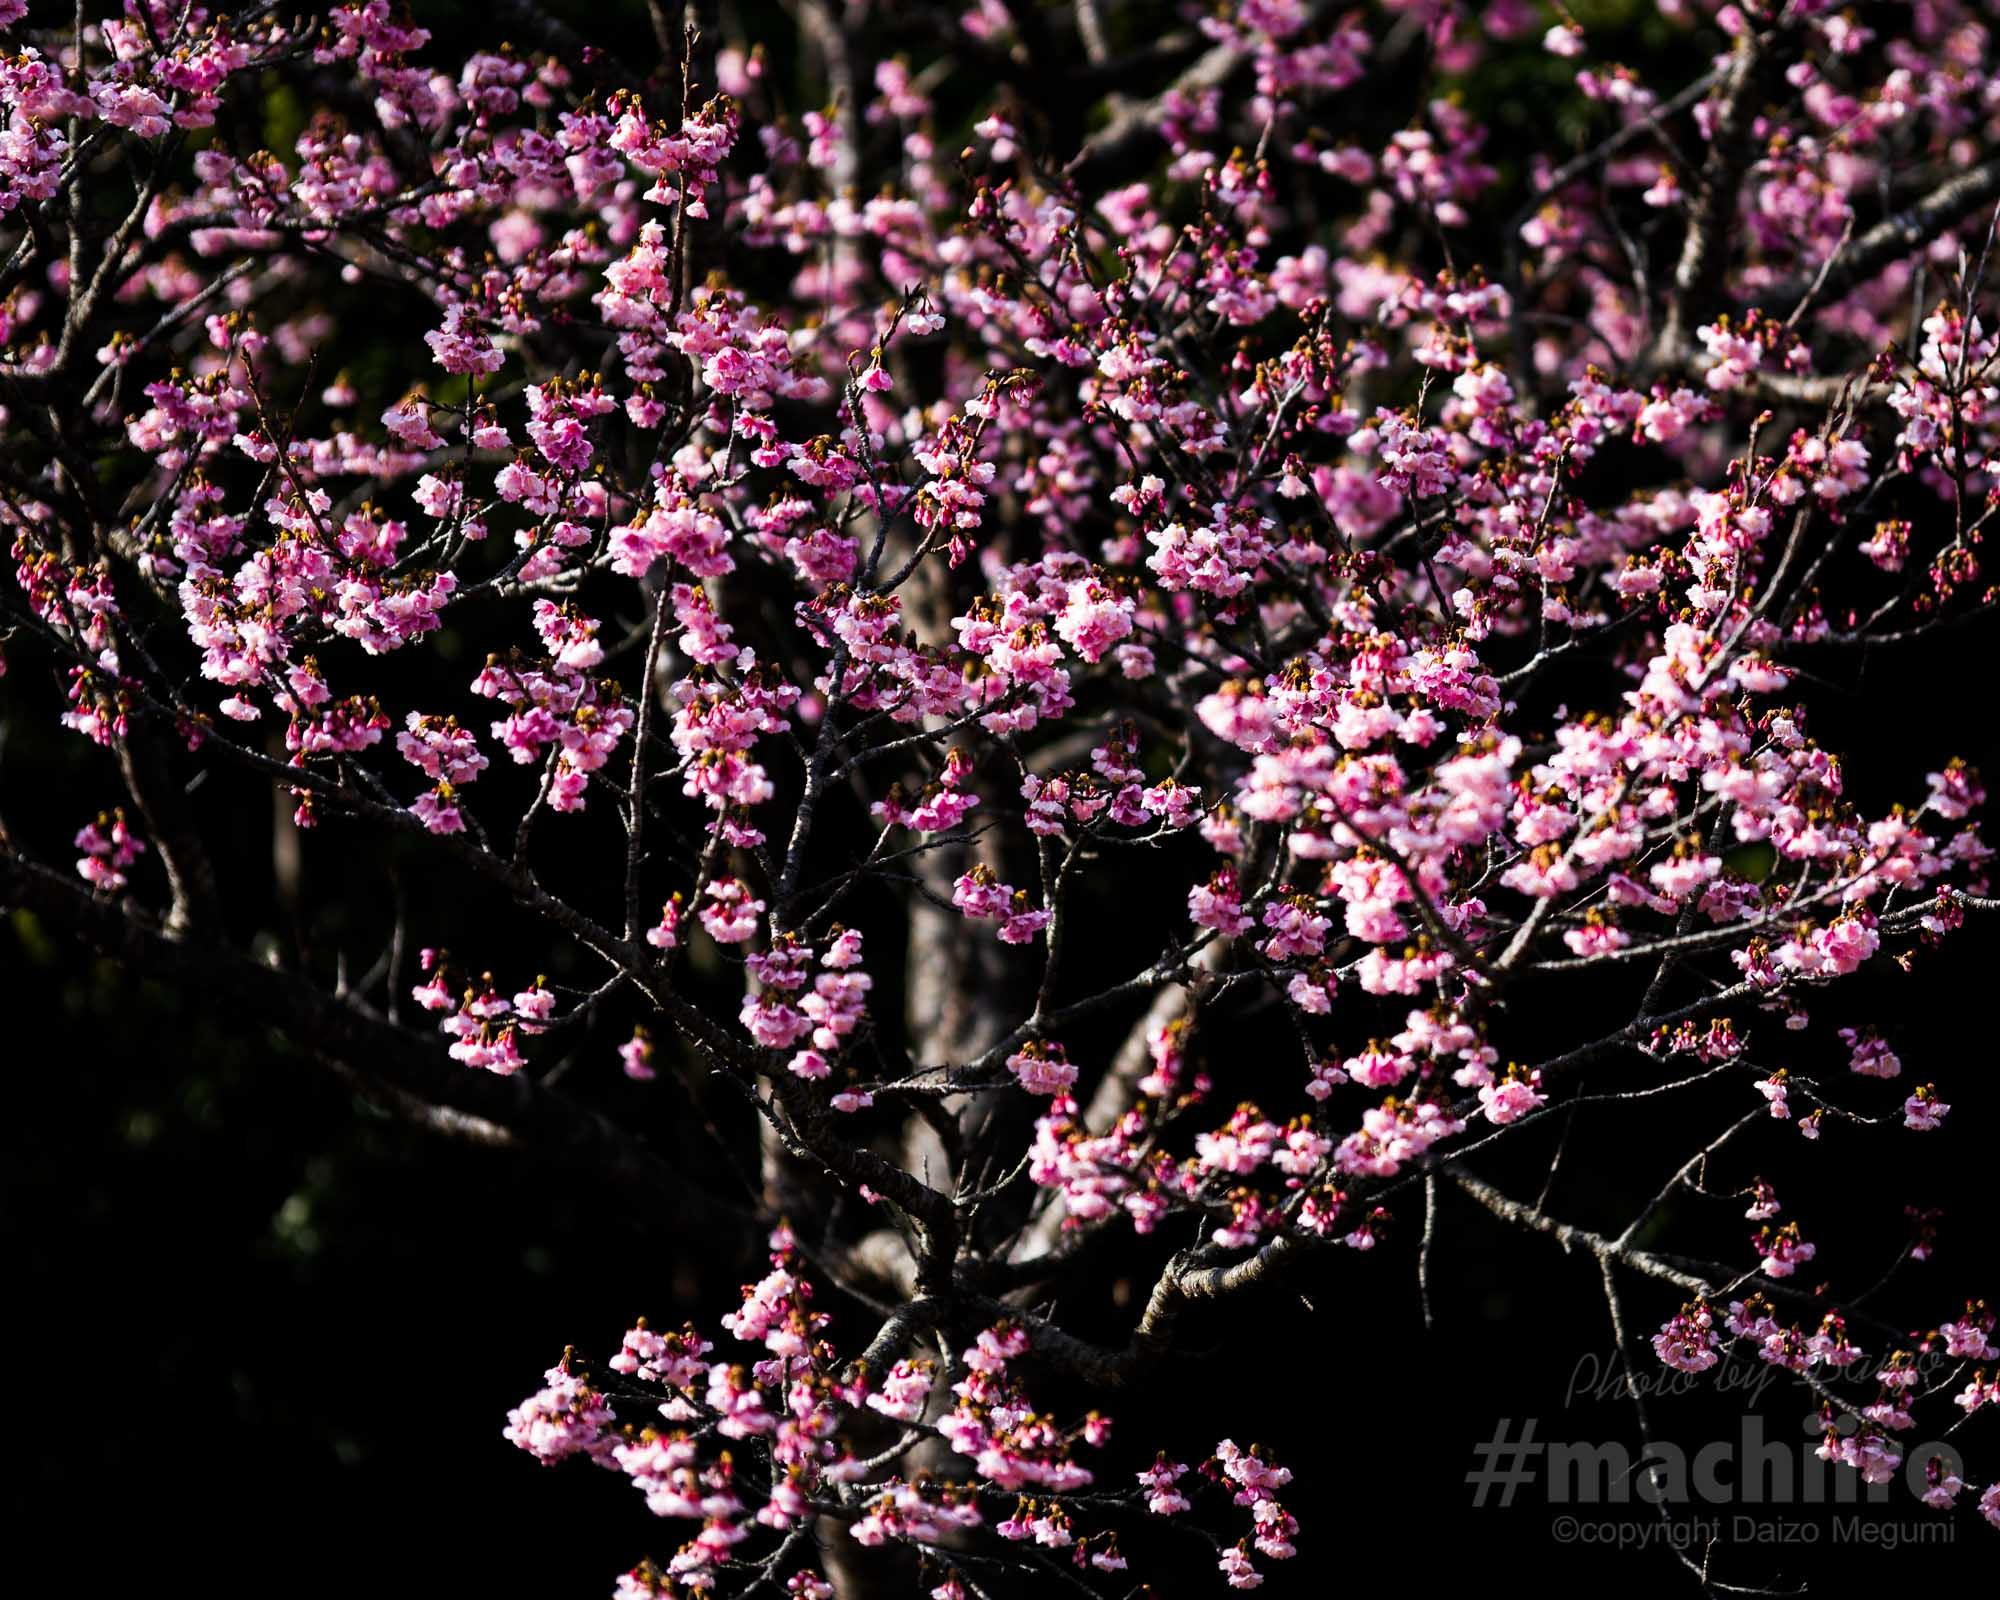 桜2021 Machiiro 記事写真 2